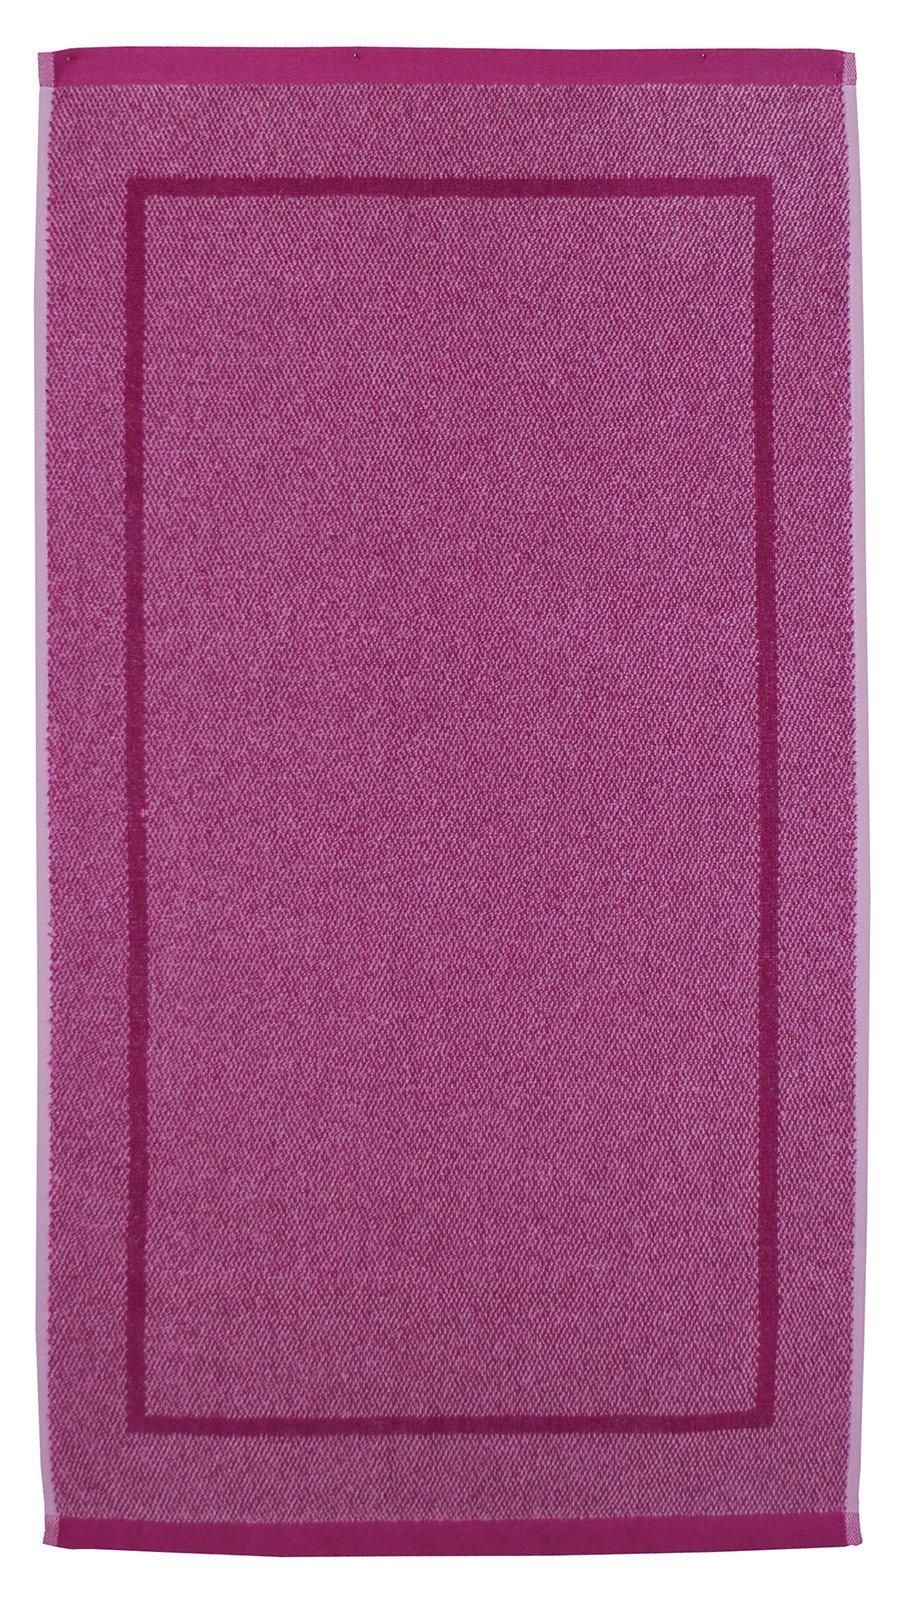 in cotone 100 da 900 grm il tappeto bagno melange della collezione